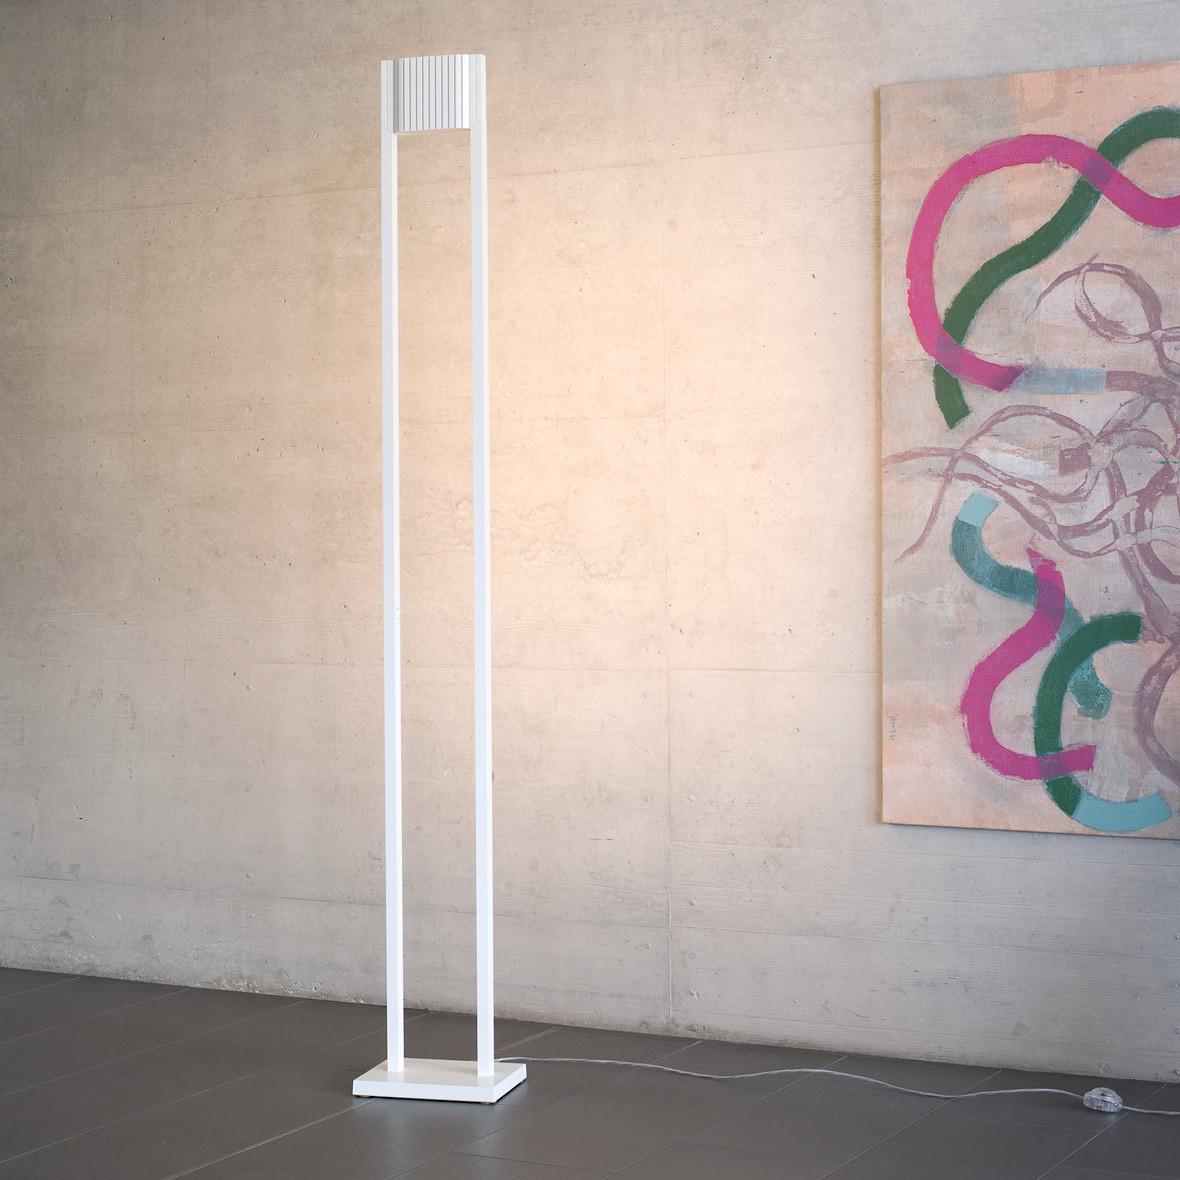 LED-Stehleuchte Unic Steve Léchot Luminaires